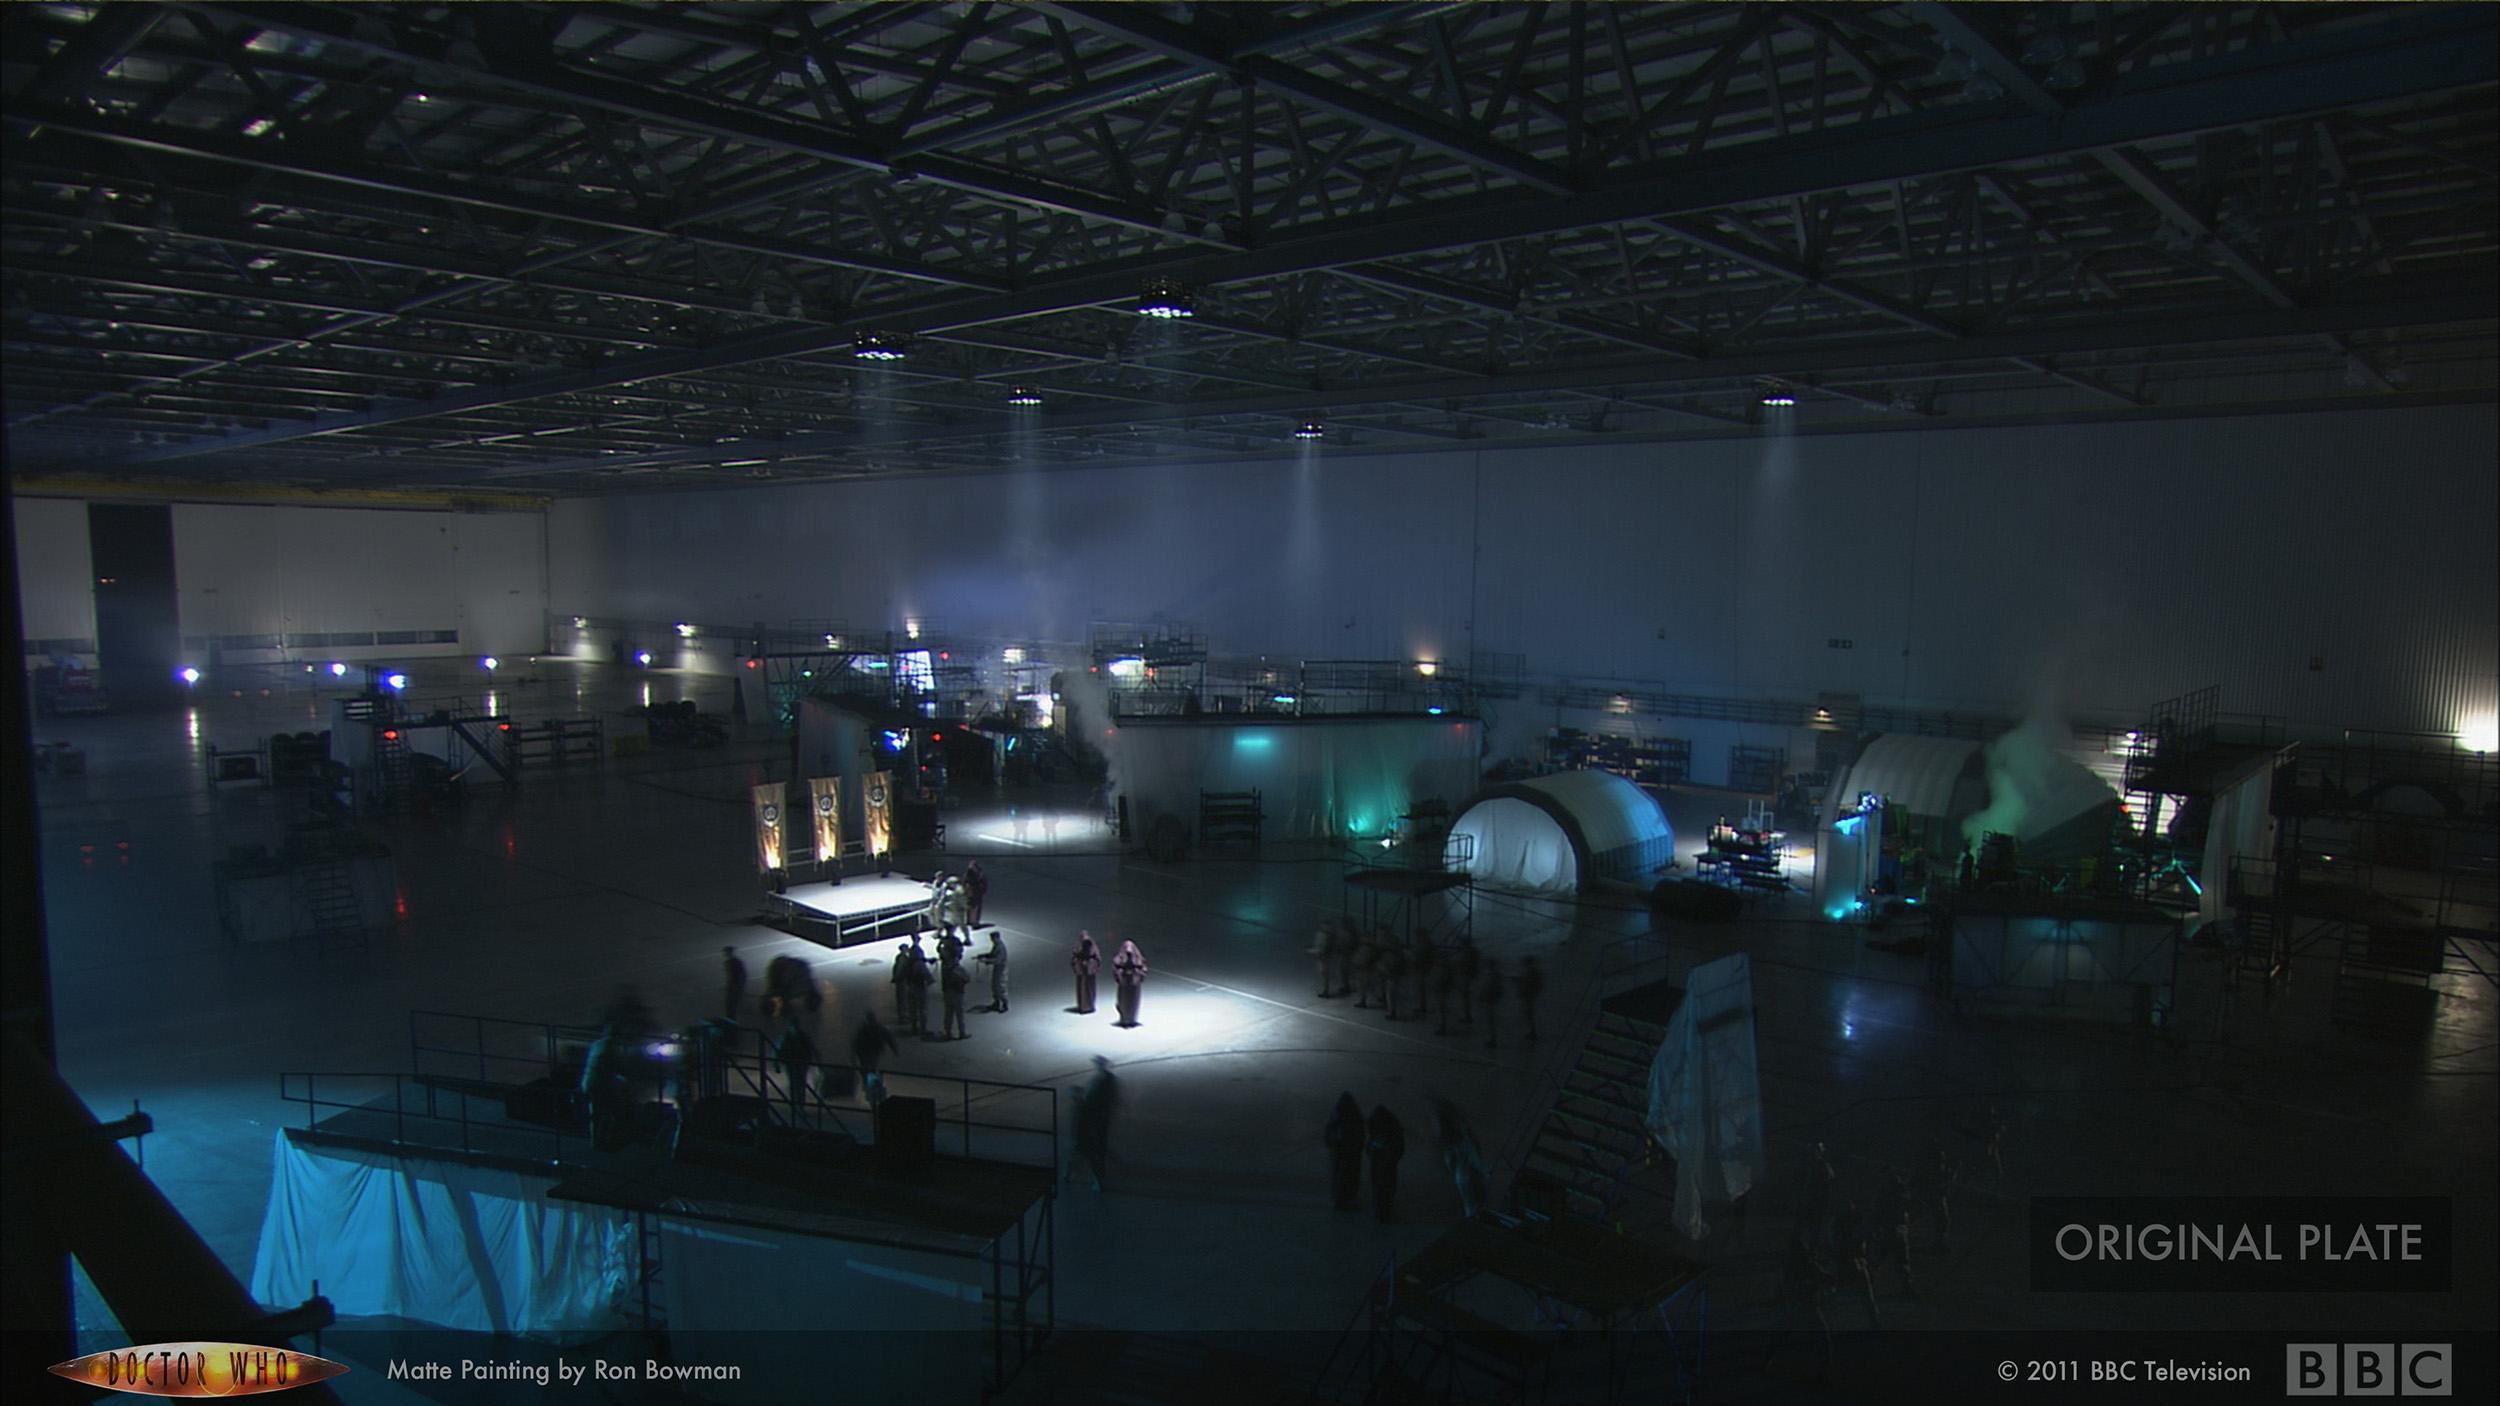 drwho_hangar02_plate.jpg